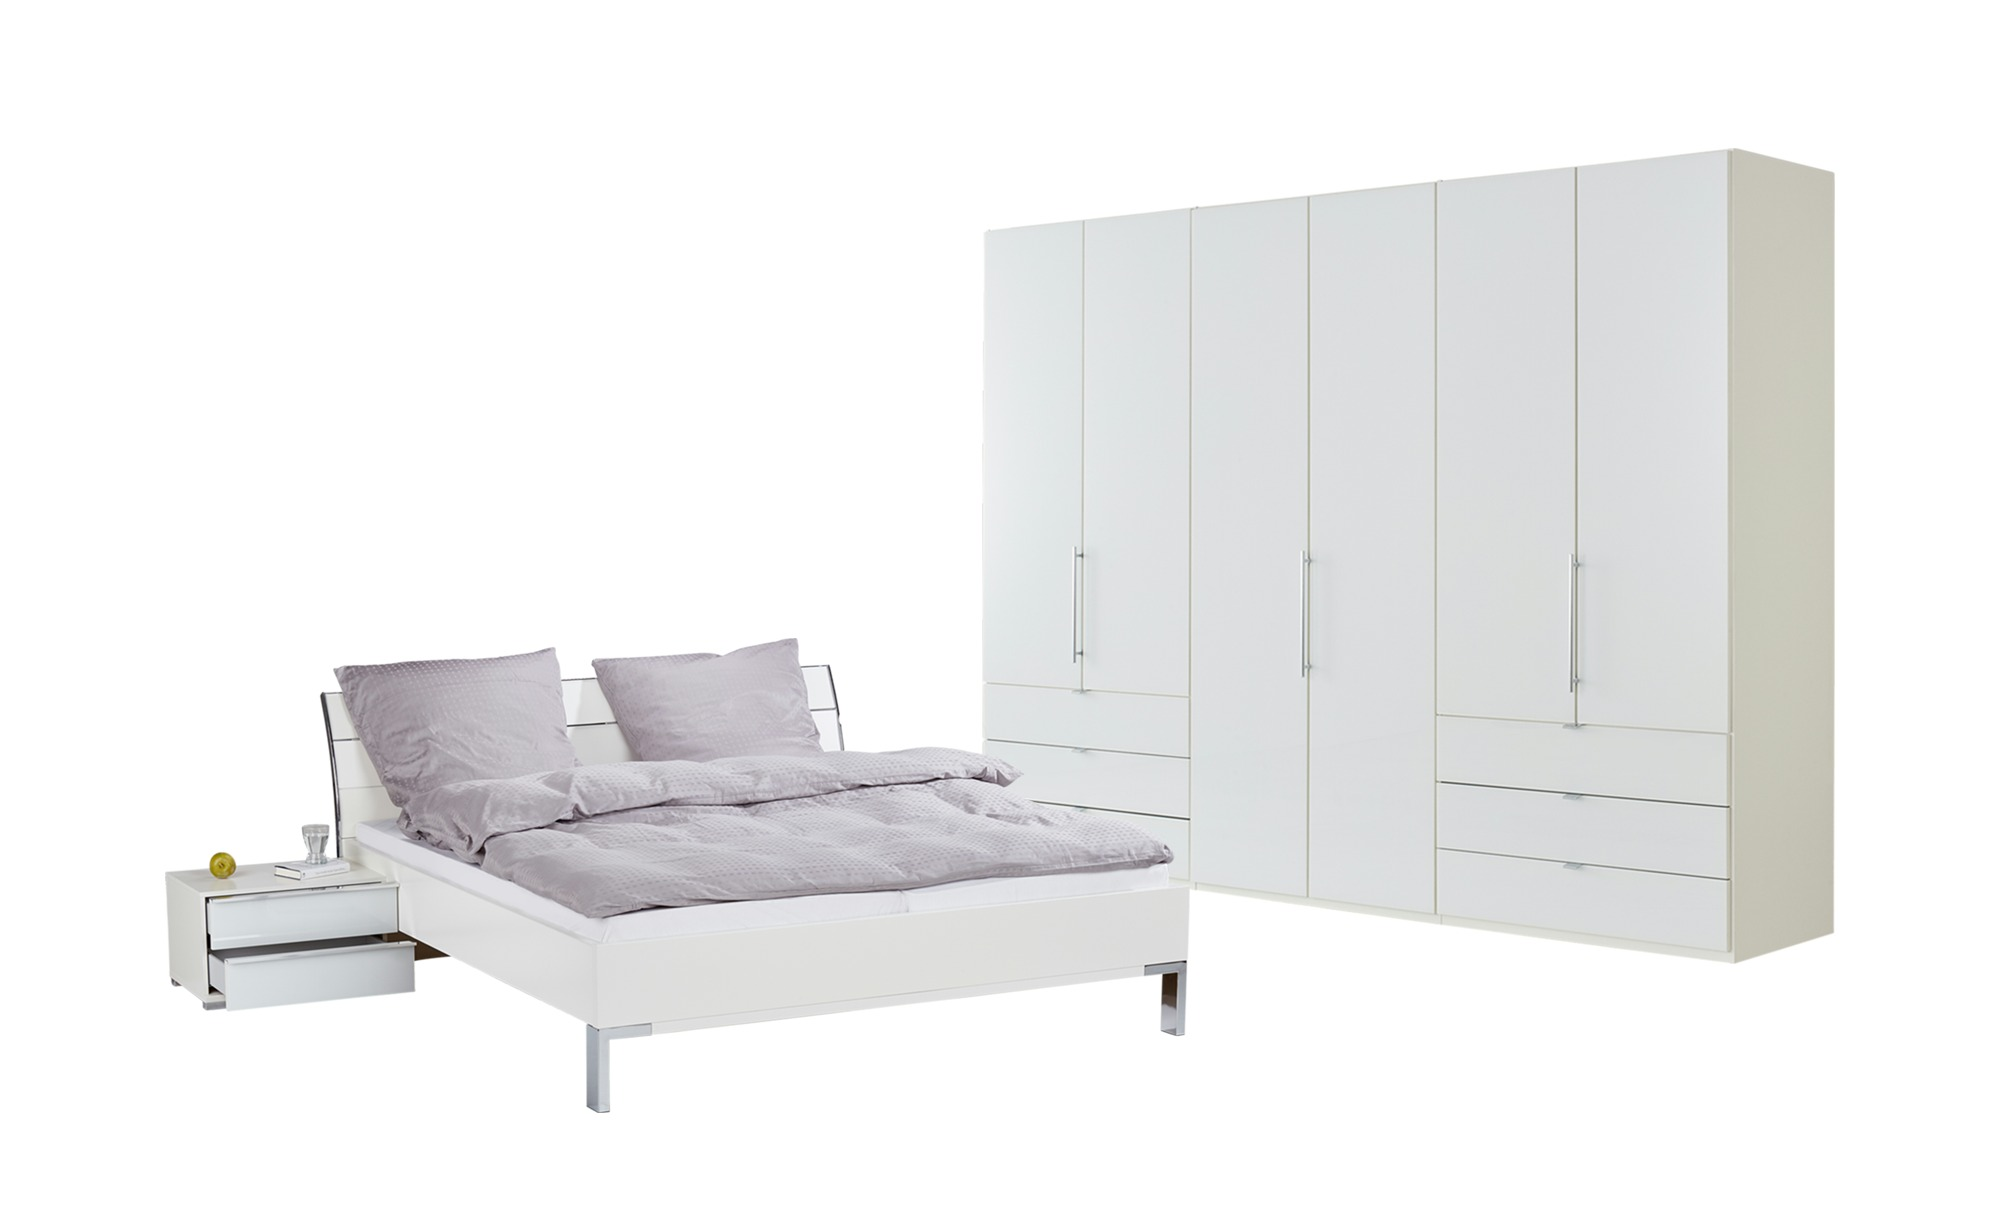 Pin Von Mobel Hoffner Auf Schlafzimmer Einrichtung Ideen Schlafzimmer Einrichten Bett Mobelstuck